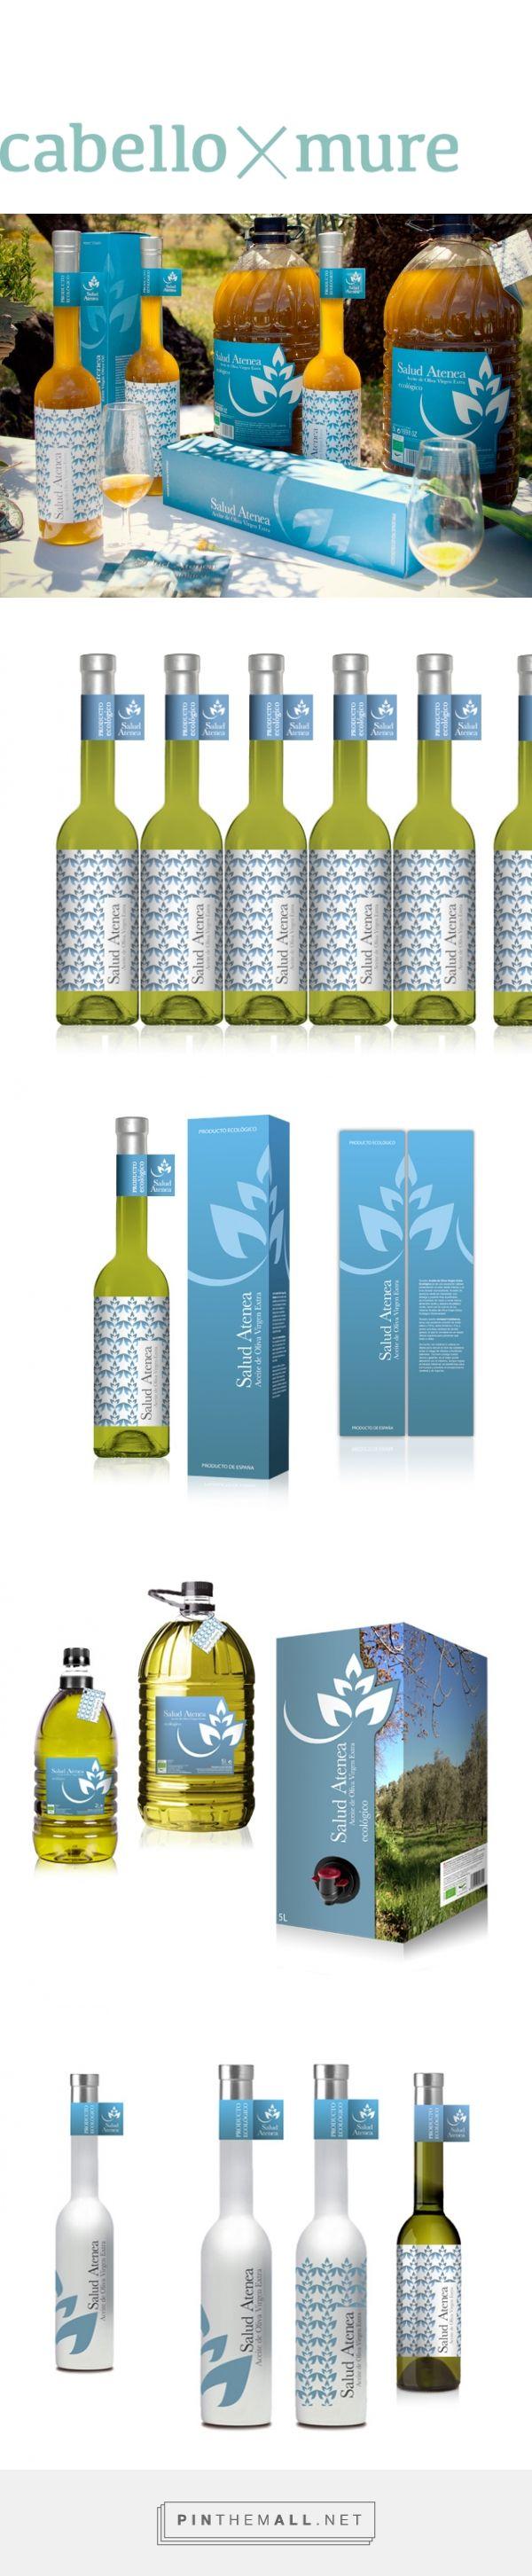 362 best olive oil images on Pinterest | Design packaging, Olive oil ...